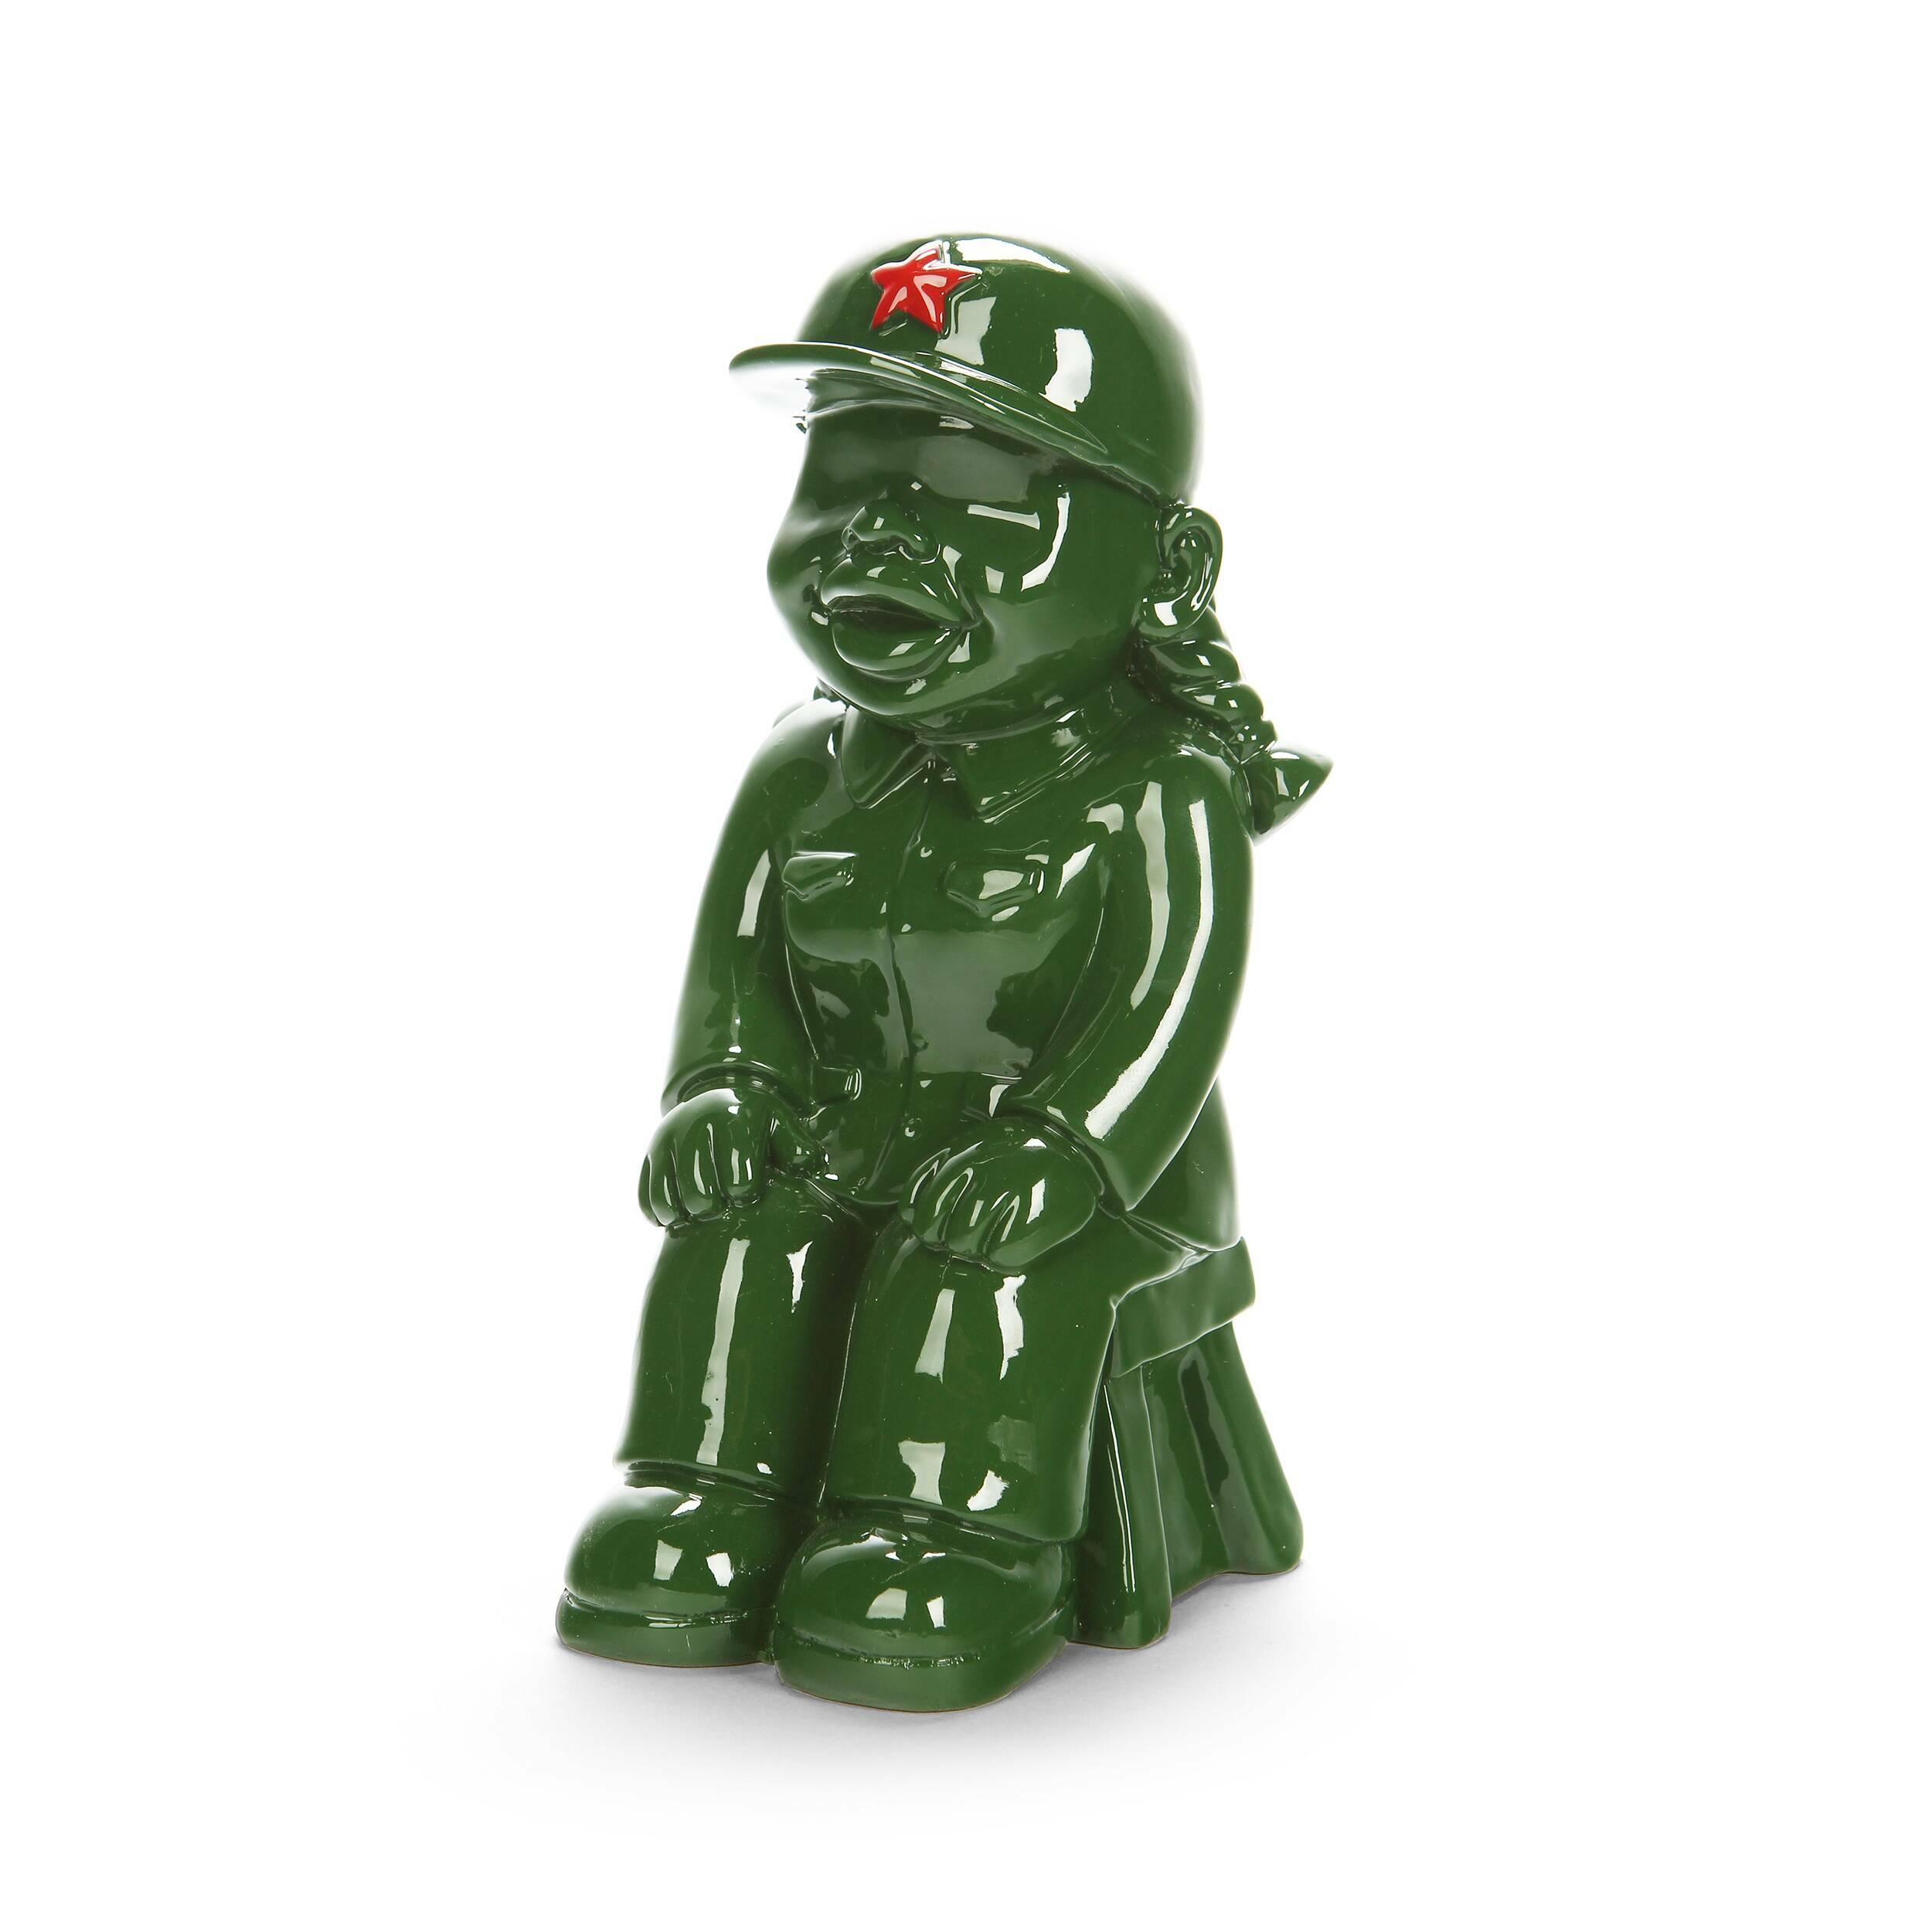 Статуэтка Military Man 4Настольные<br>Дизайнерская маленькая зеленая статуэтка мальчика Military Man (Милэтри Мэн) из полистоуна от Cosmo (Космо).Коллекция интерьерного декора Get Into Khaki! (в переводе с английского «Натягивай форму!») — это широкий модельный ряд настольных статуэток, объединенных одной тематикой — военным ремеслом. Захотите ли вы поставить эти причудливые фигурки у себя на стеллаже или же задумали вручить пару таких фигурок своим друзьям или коллегам, это решать уже вам!<br> <br> В коллекции есть и дамы! Оригиналь...<br><br>stock: 1<br>Высота: 21<br>Ширина: 11<br>Материал: Полистоун<br>Цвет: Зелёный<br>Длина: 10